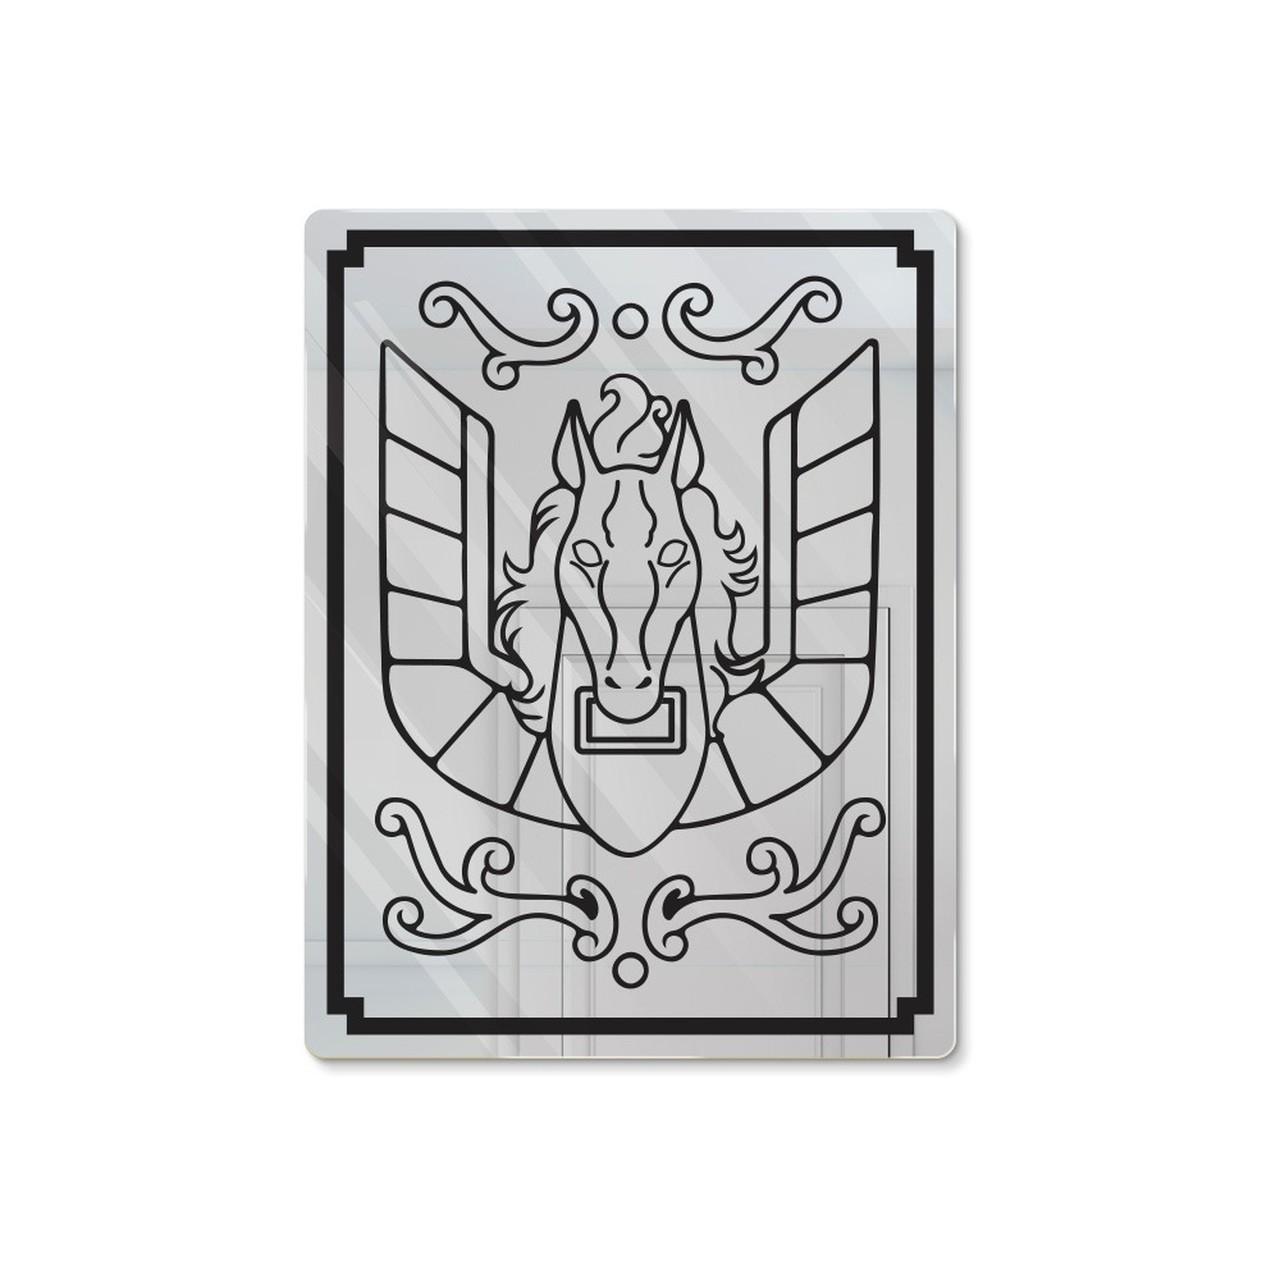 """Espelho Acrílico """"Caixa da Armadura de Bronze"""": Pegasus - Os Cavaleiros do Zodíaco"""